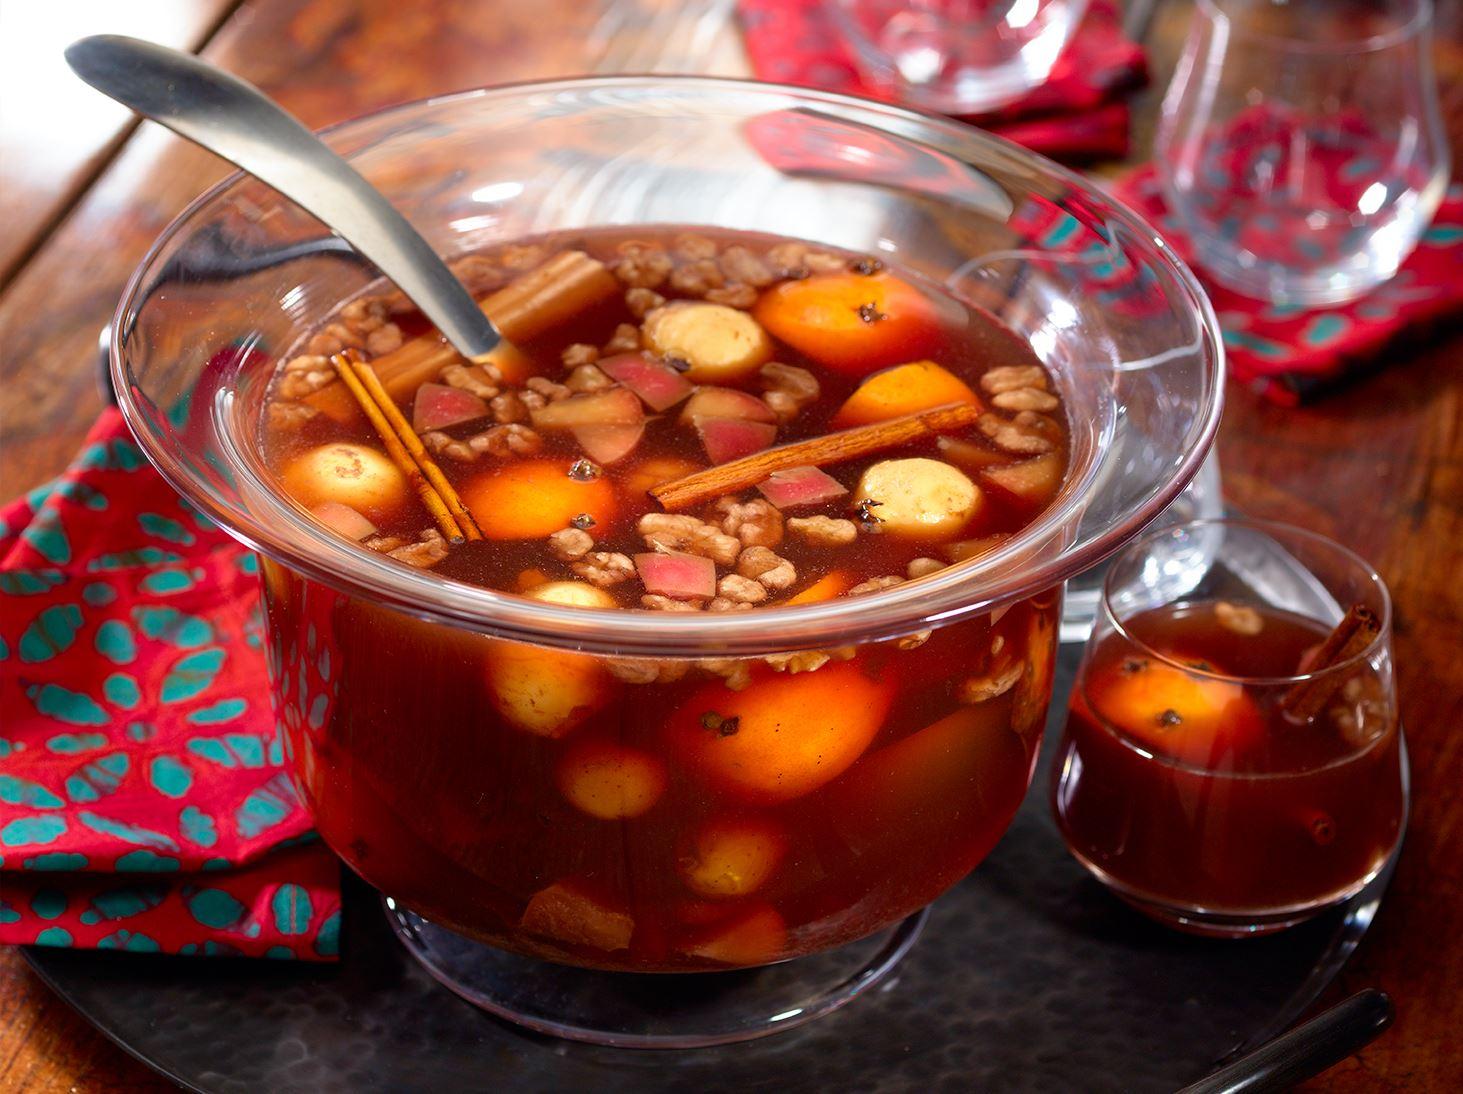 El ponche mexicano es una combinación de tradiciones.